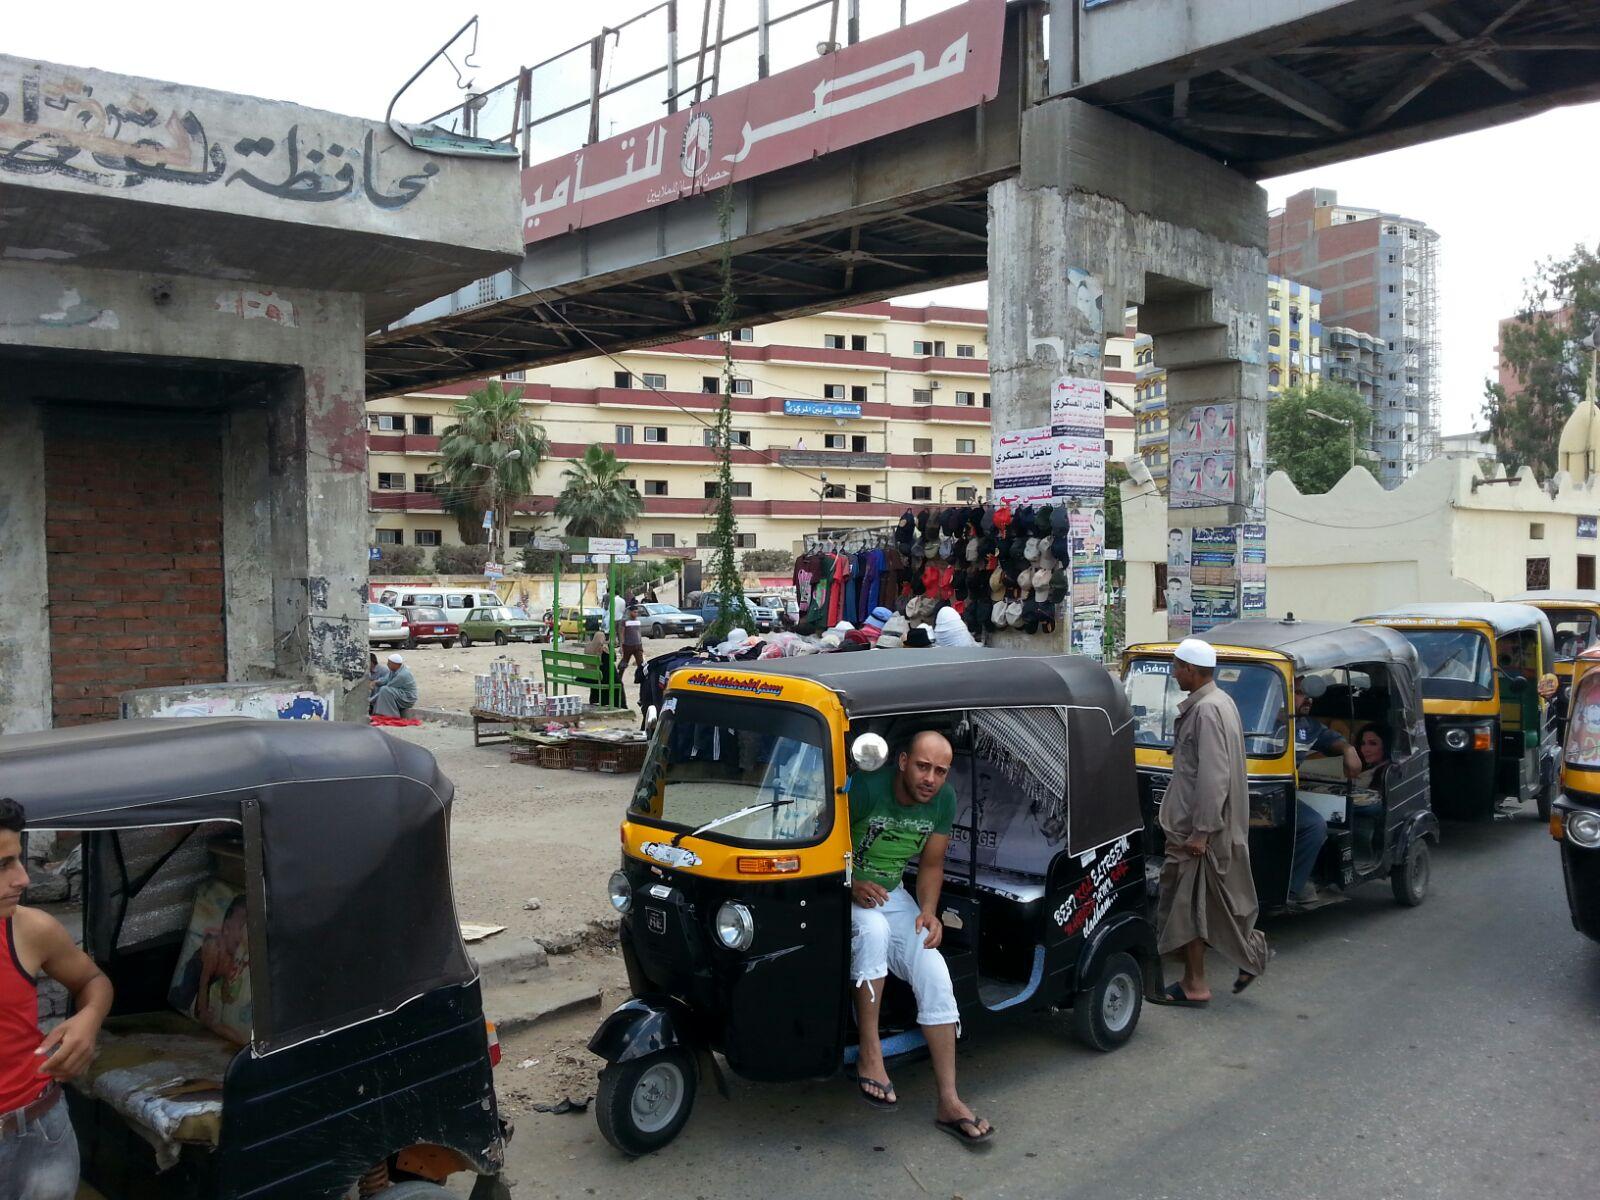 مواطنون يشكون تسبب الـ«توك توك» في أزمة مرورية في مدينة شربين بالدقهلية